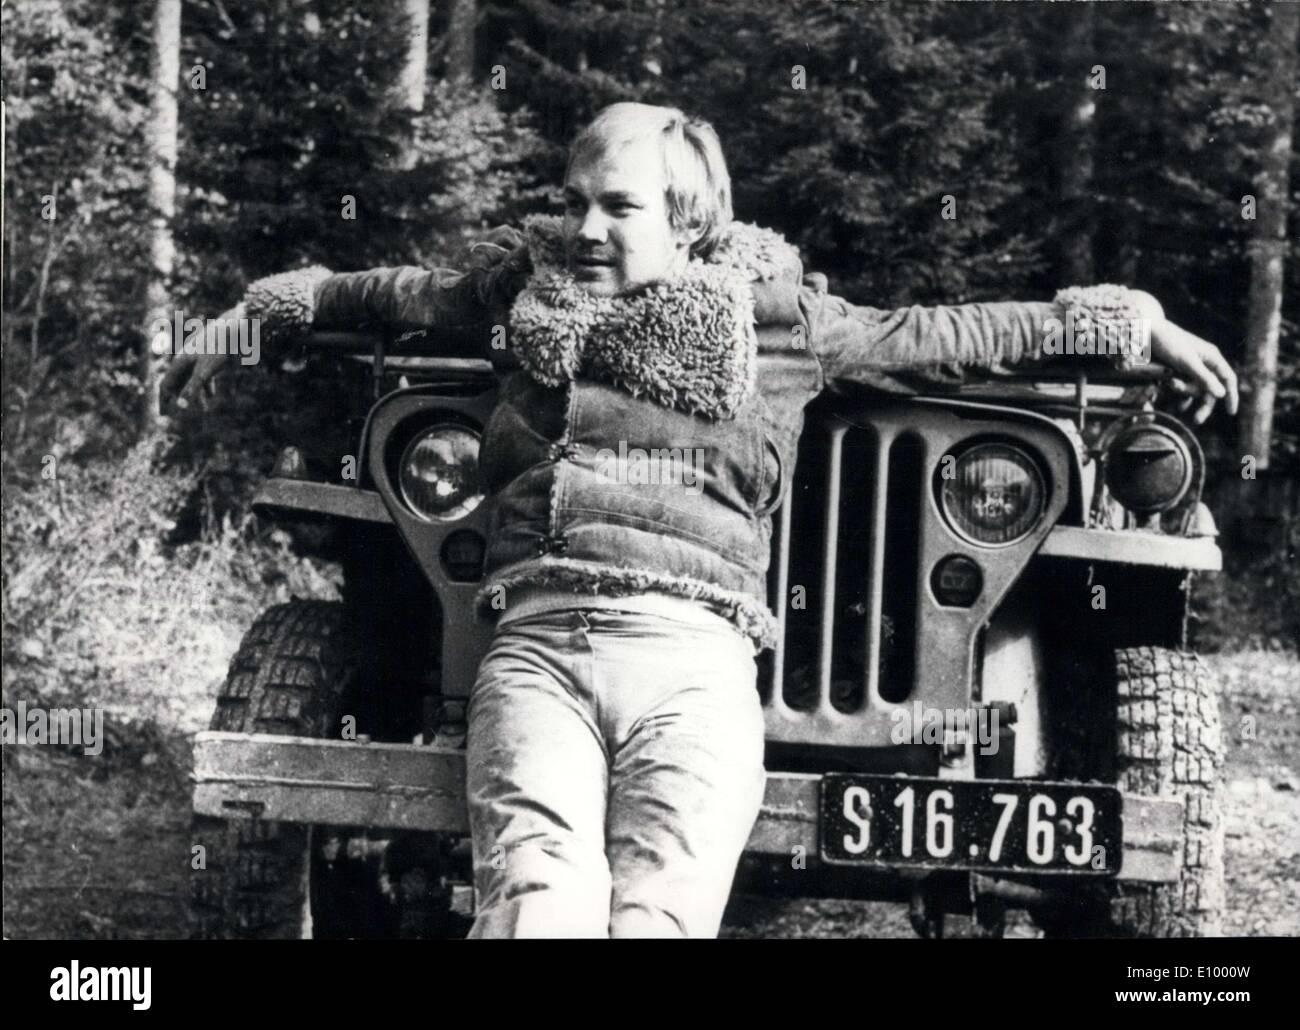 Diciembre 18, 1971 - Un nuevo thriller de espionaje americano ''La conexión de Salzburgo'': Esta nueva película, filmada en y alrededor de la famosa ciudad de Mozart, cuenta con un recién llegado, el joven austríaco etapa actor Klaus Maria Brandauer. El productor americano acoplado a él por la película ''La conexión de Salzburgo'' protagonizada por Anna Karina y Barry Newman. El director es Lee Katzin (''Le Mans)''. Imagen De Stock